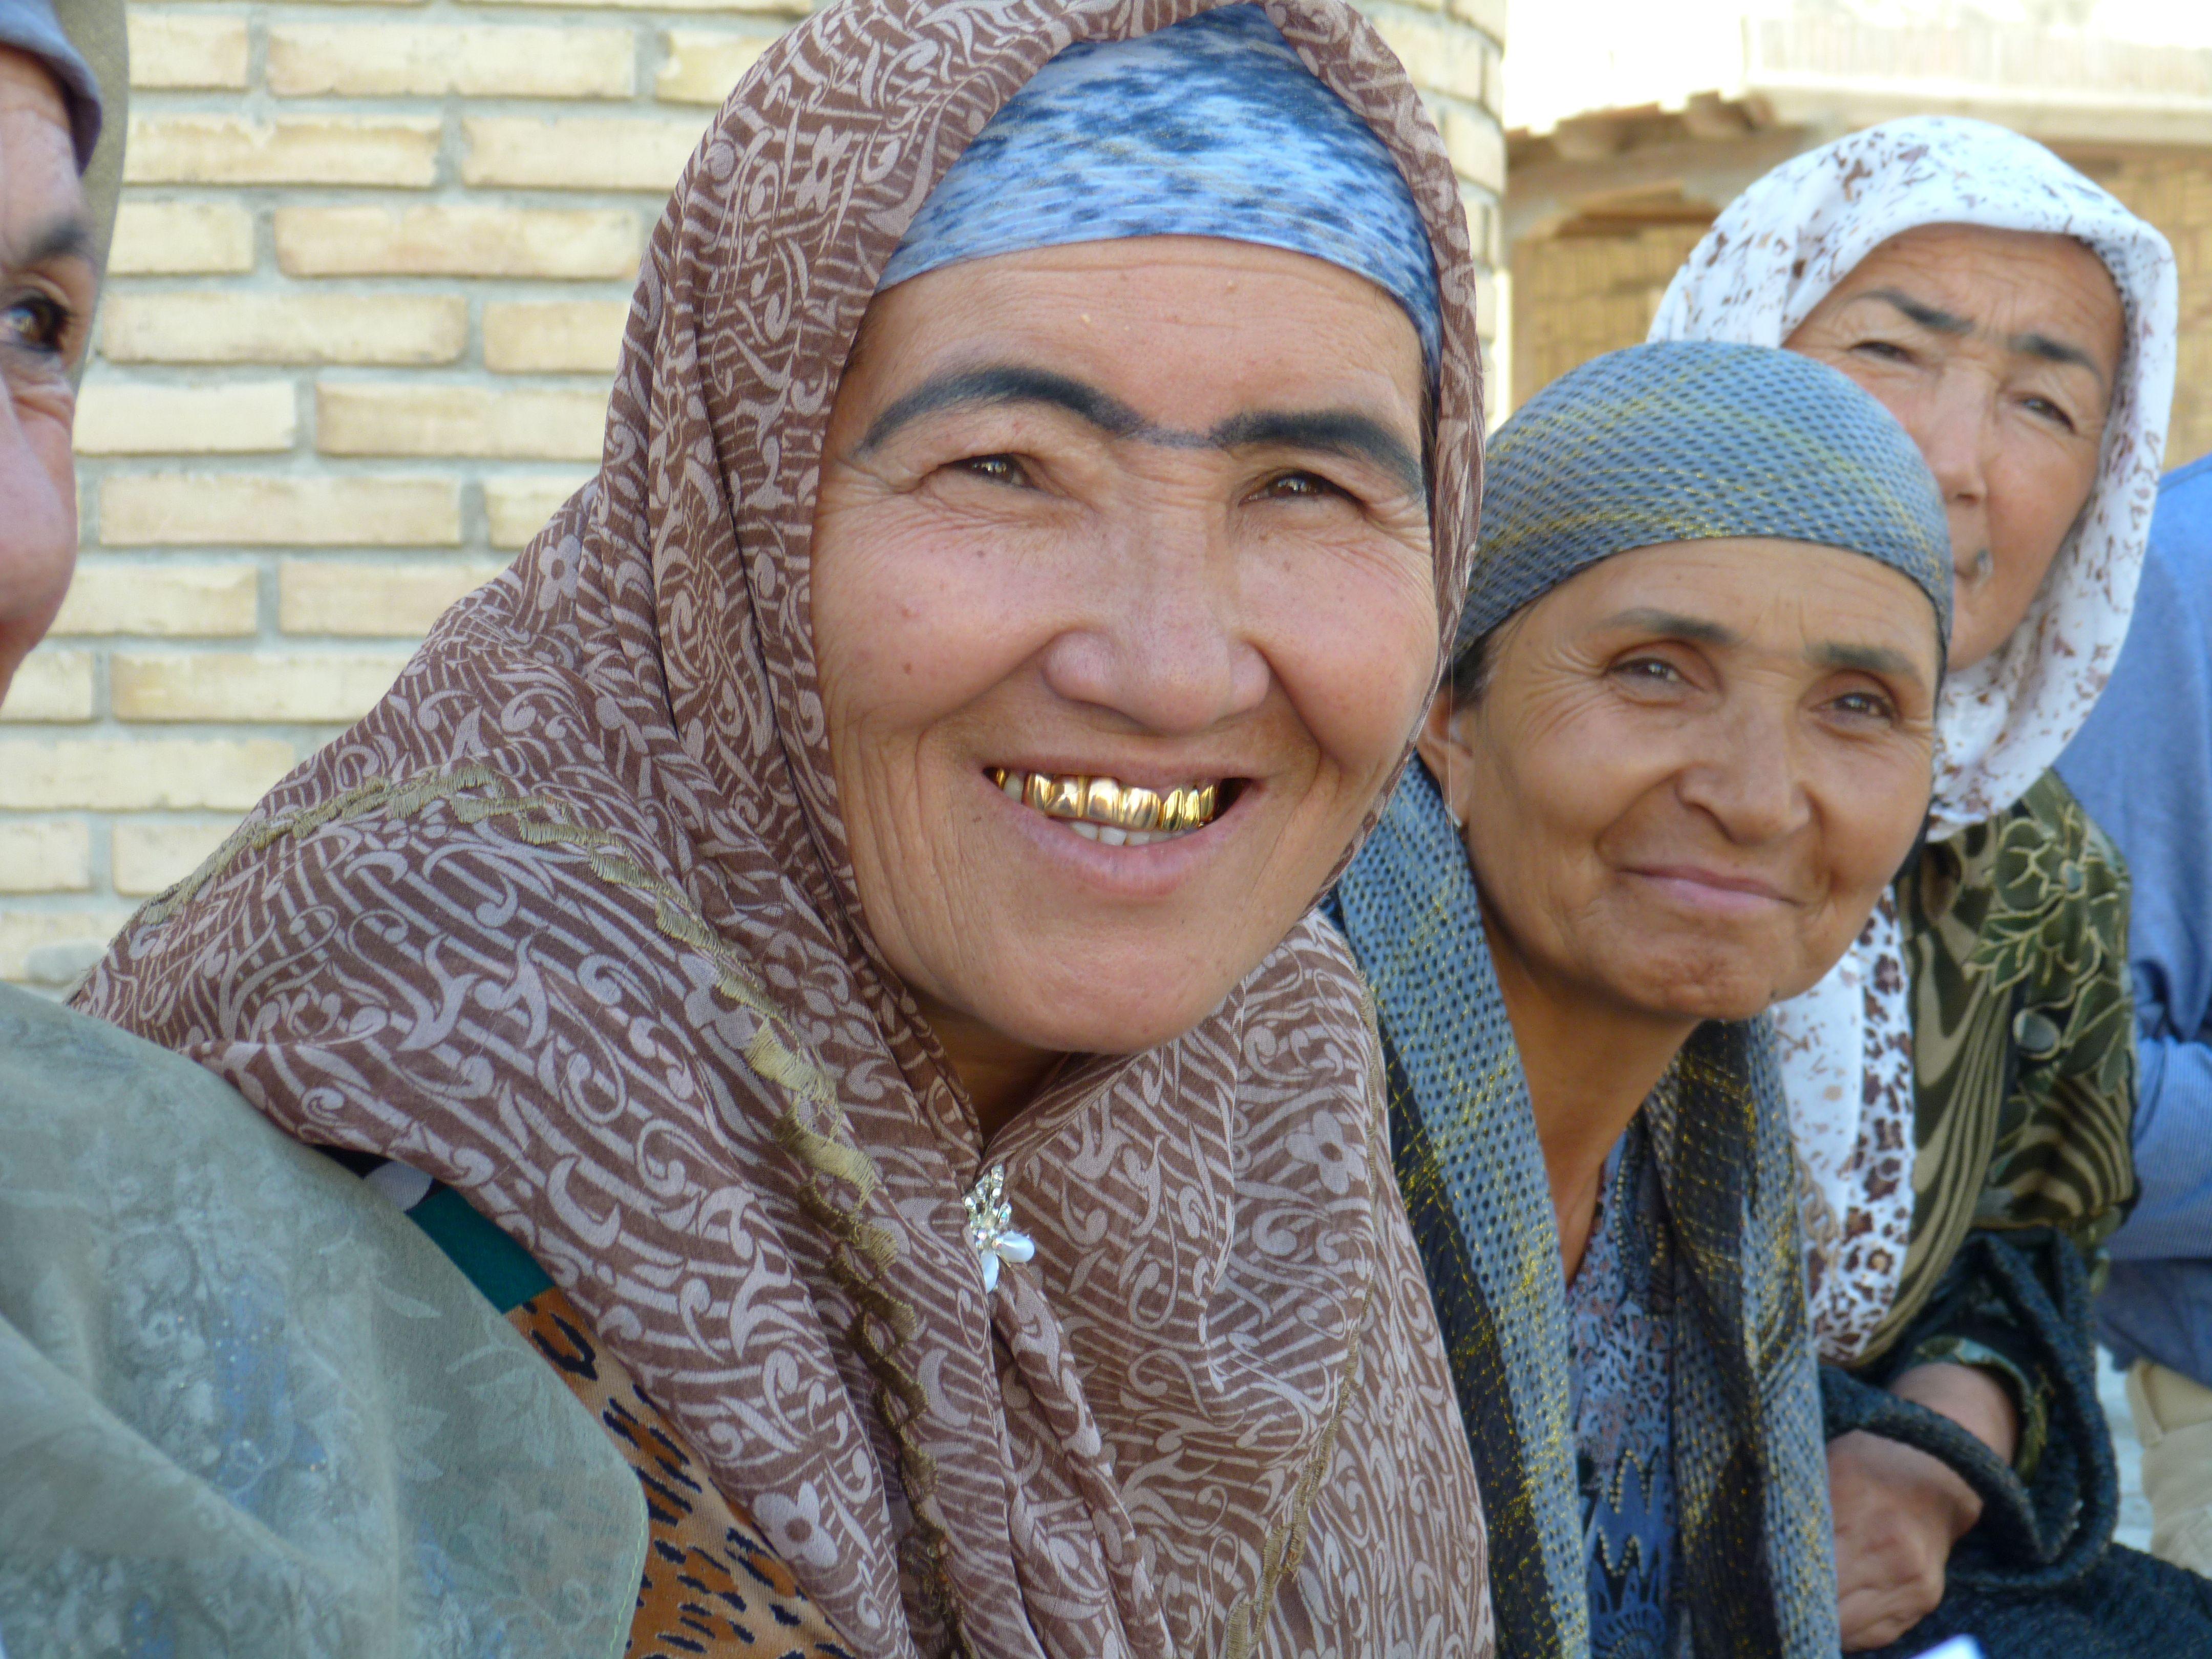 Узбеки скрити камера — photo 9